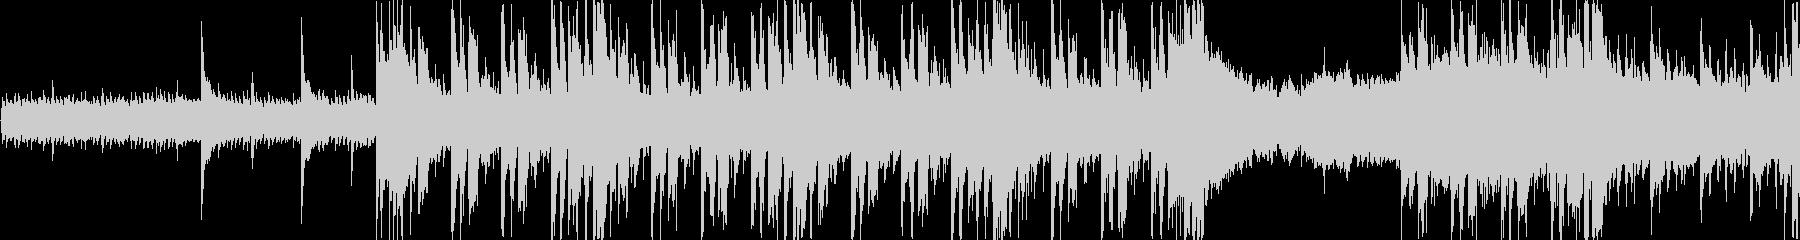 和風ループ音源【-12dBFS】の未再生の波形